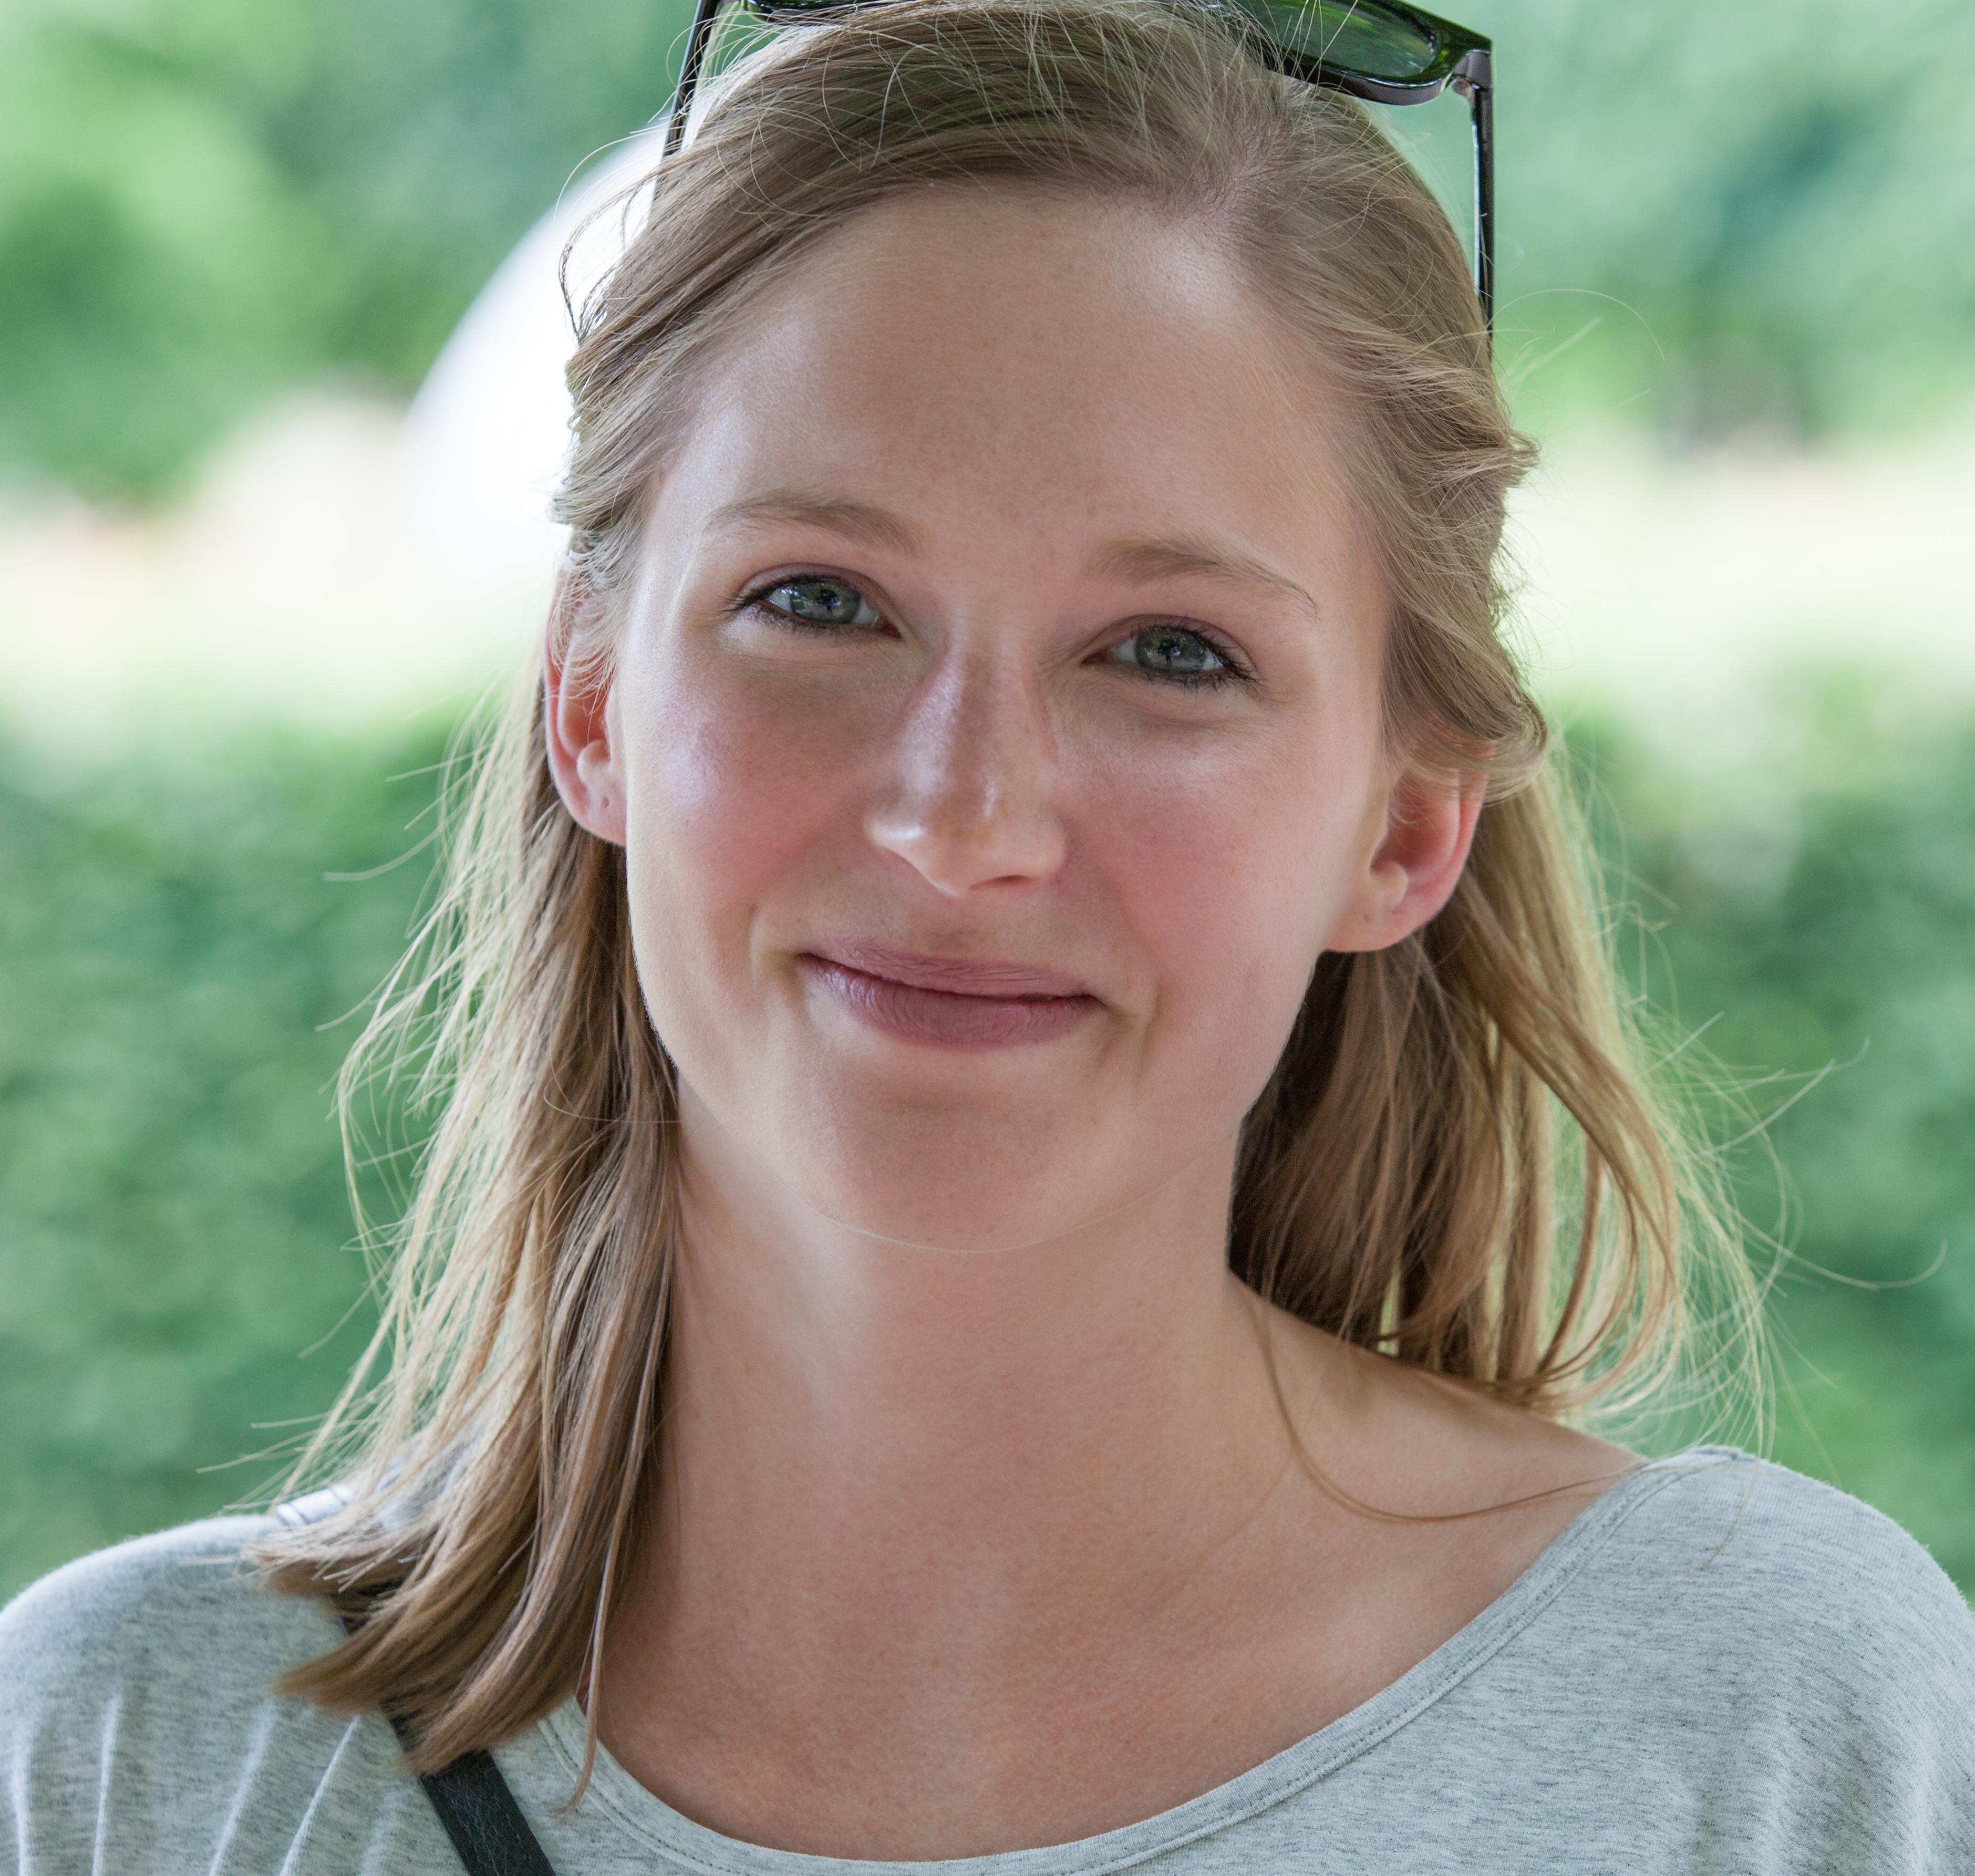 Denmark girl